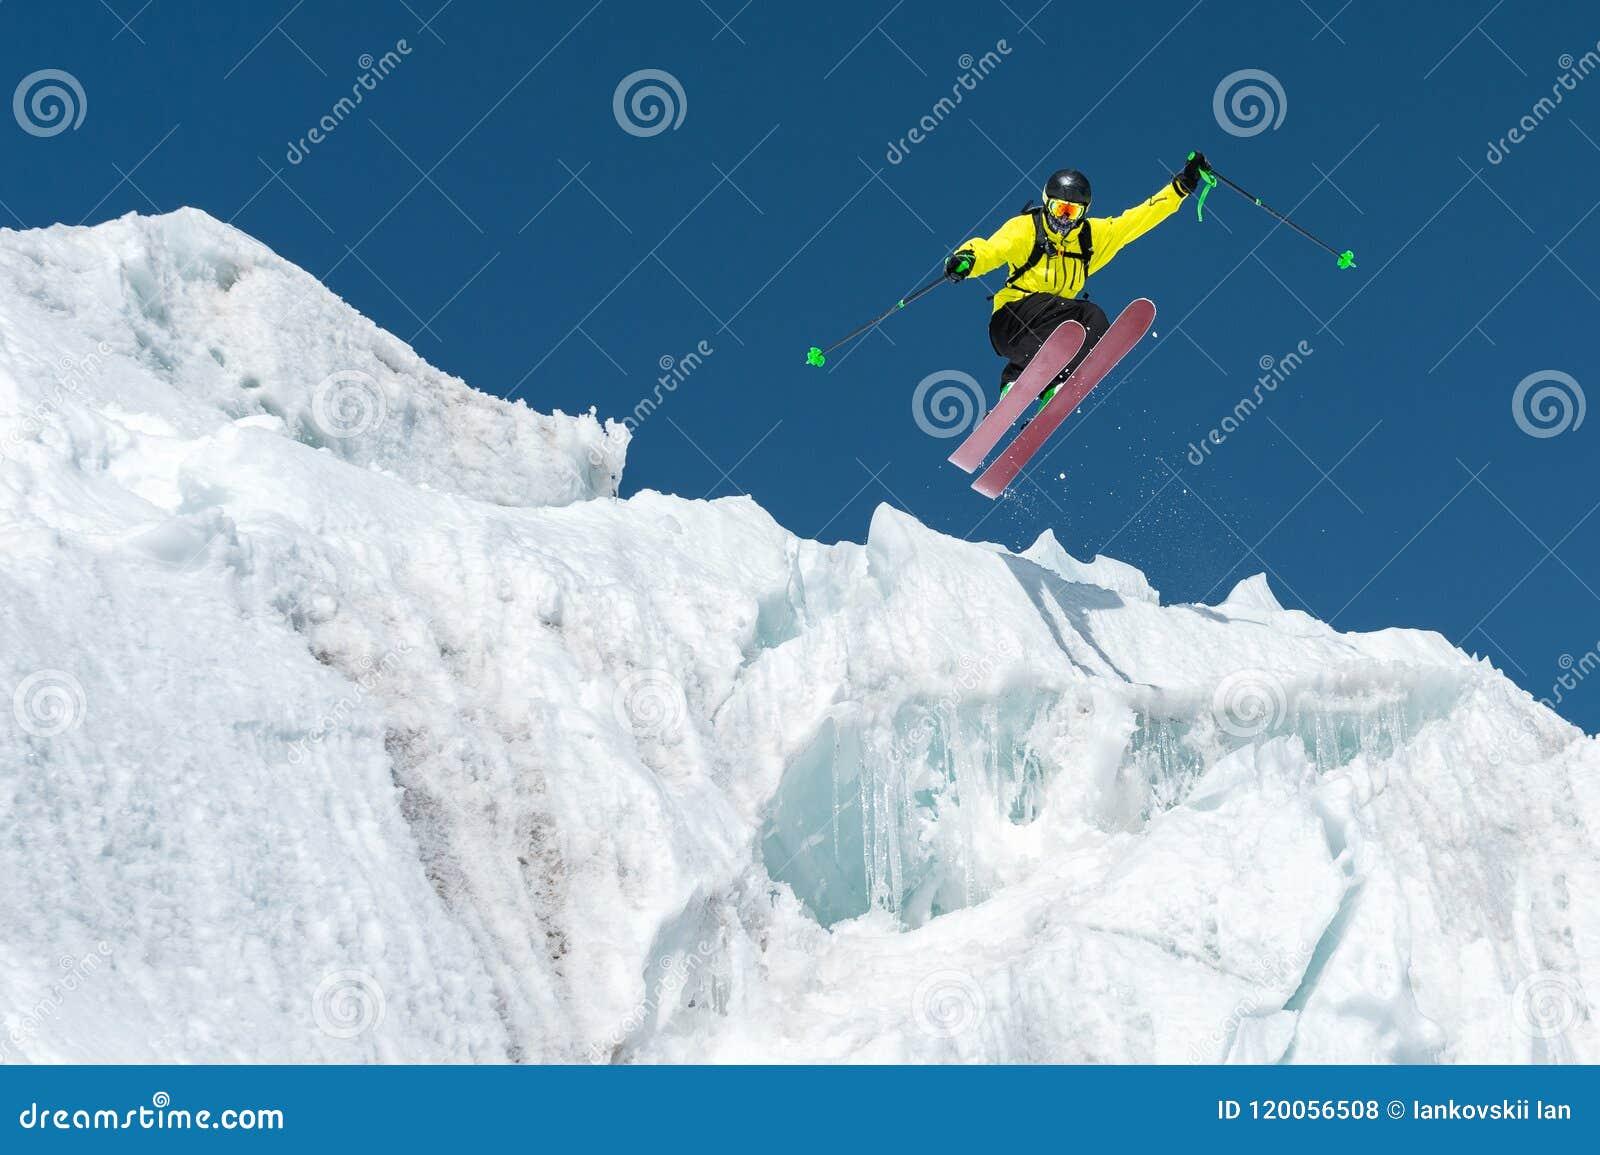 Um esquiador de salto que salta de uma geleira contra um azul muito ao alto nas montanhas Esqui profissional